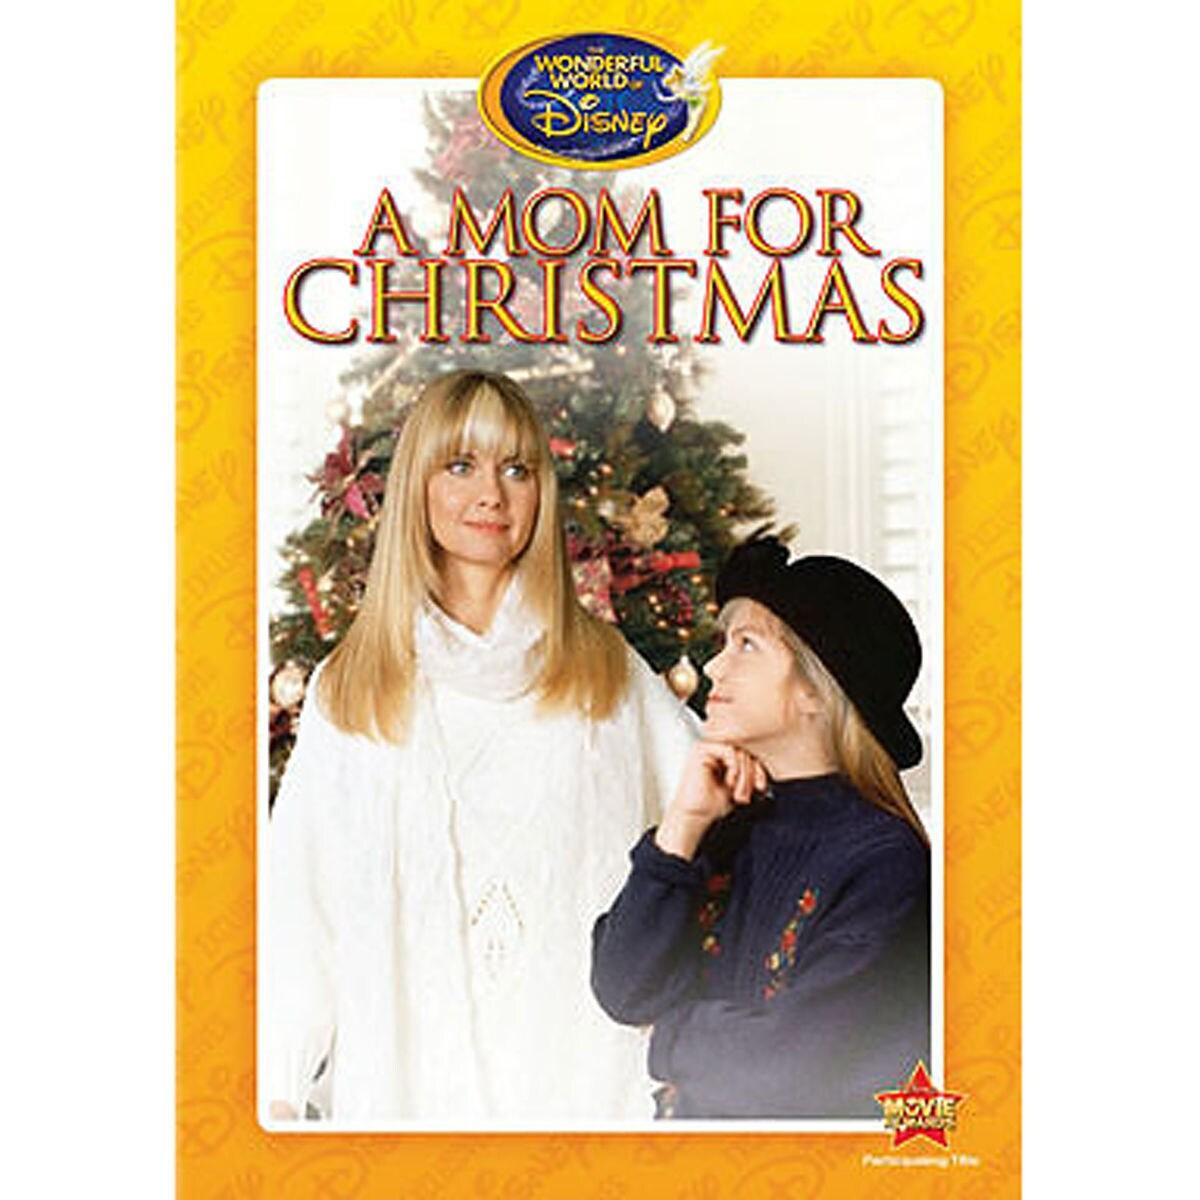 A Mom for Christmas DVD | shopDisney